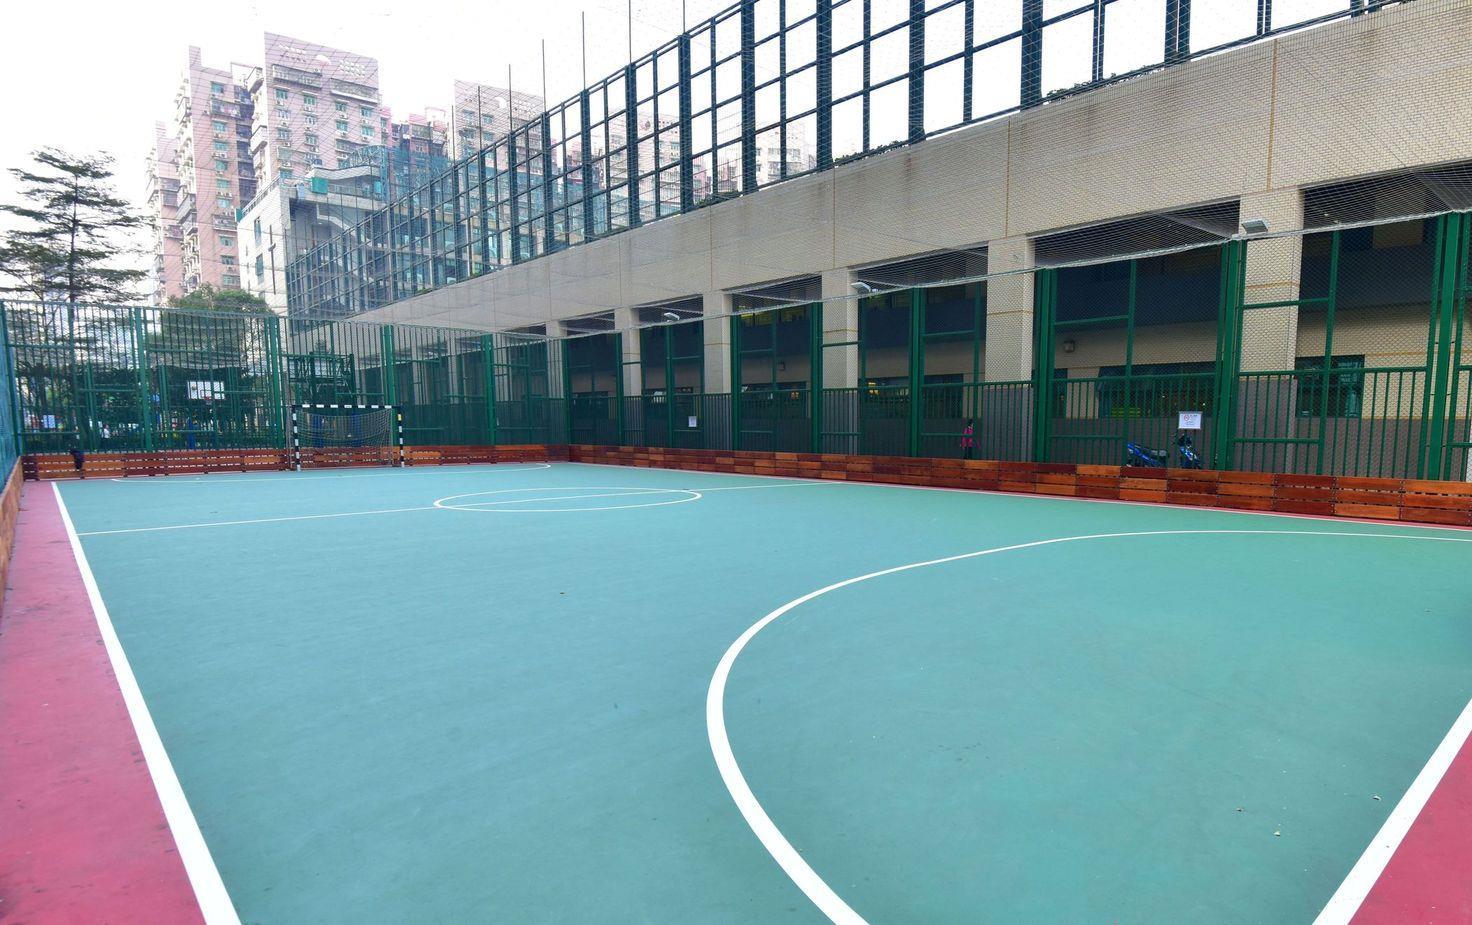 Free Sports Ground in Rua Central da Areia Preta